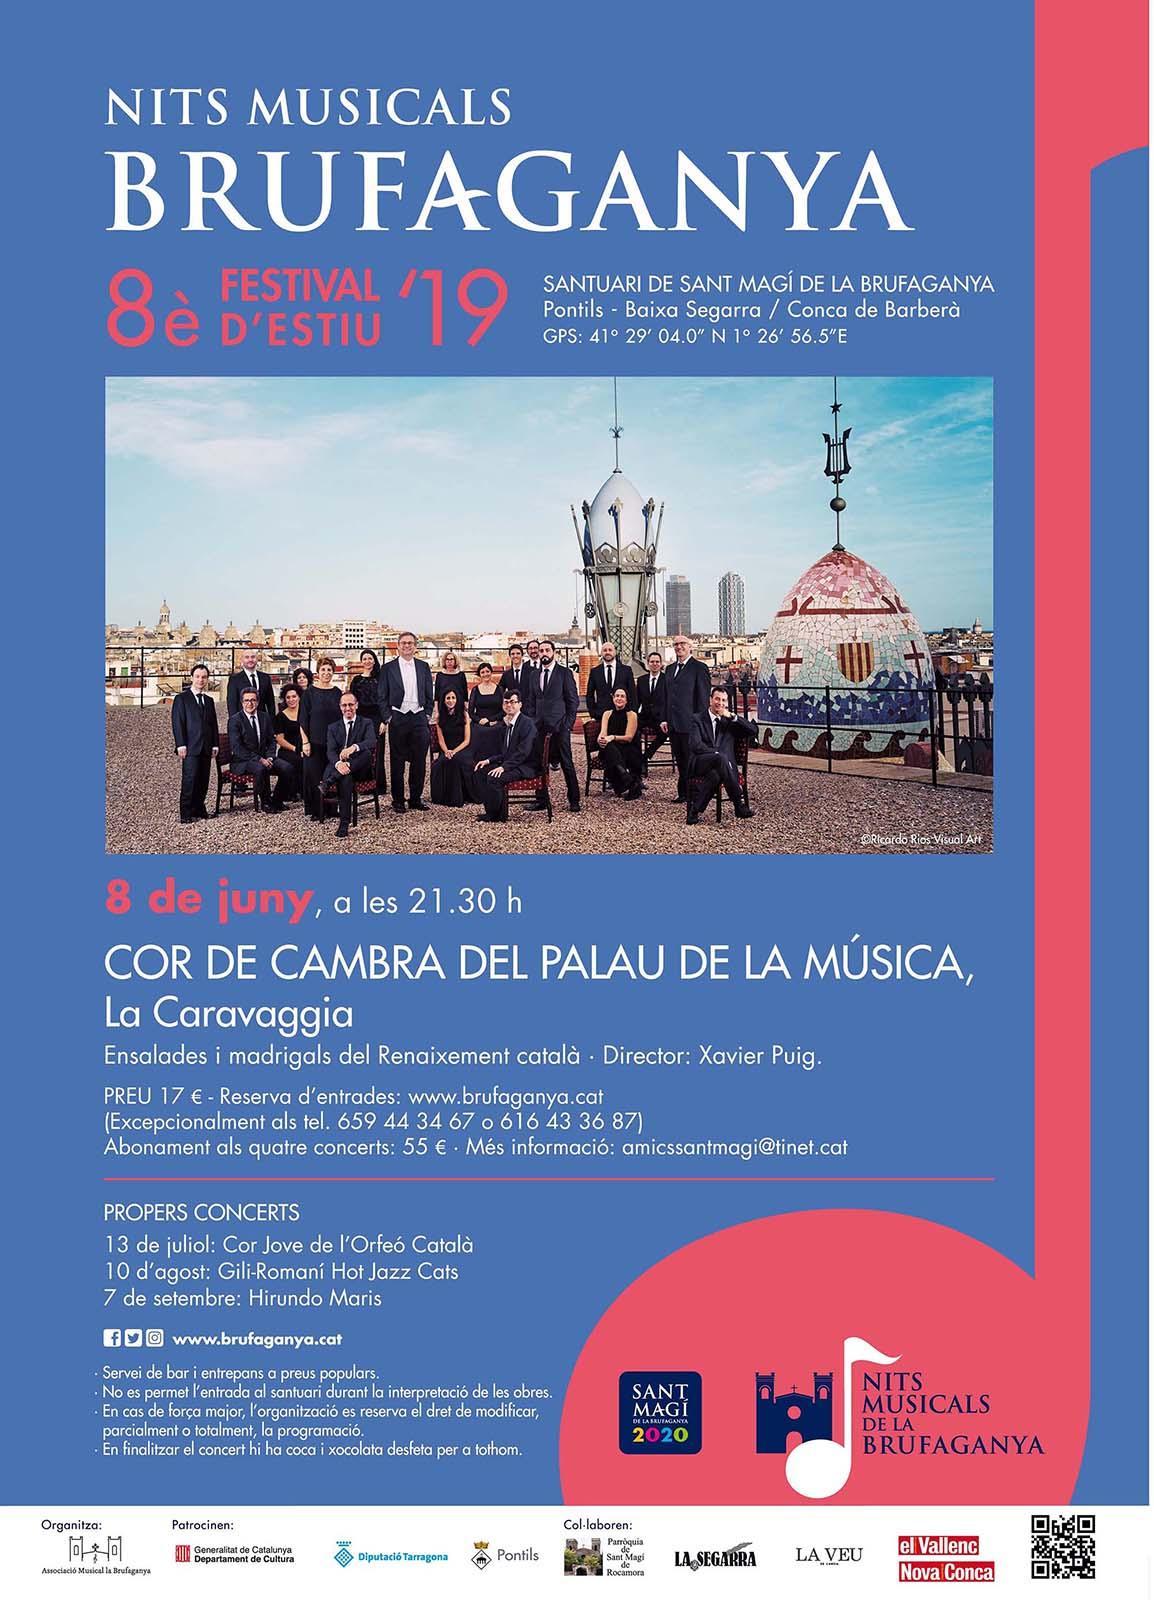 Ensalades i madrigals del Renaixement català (Nits Musicals de la Brufaganya)